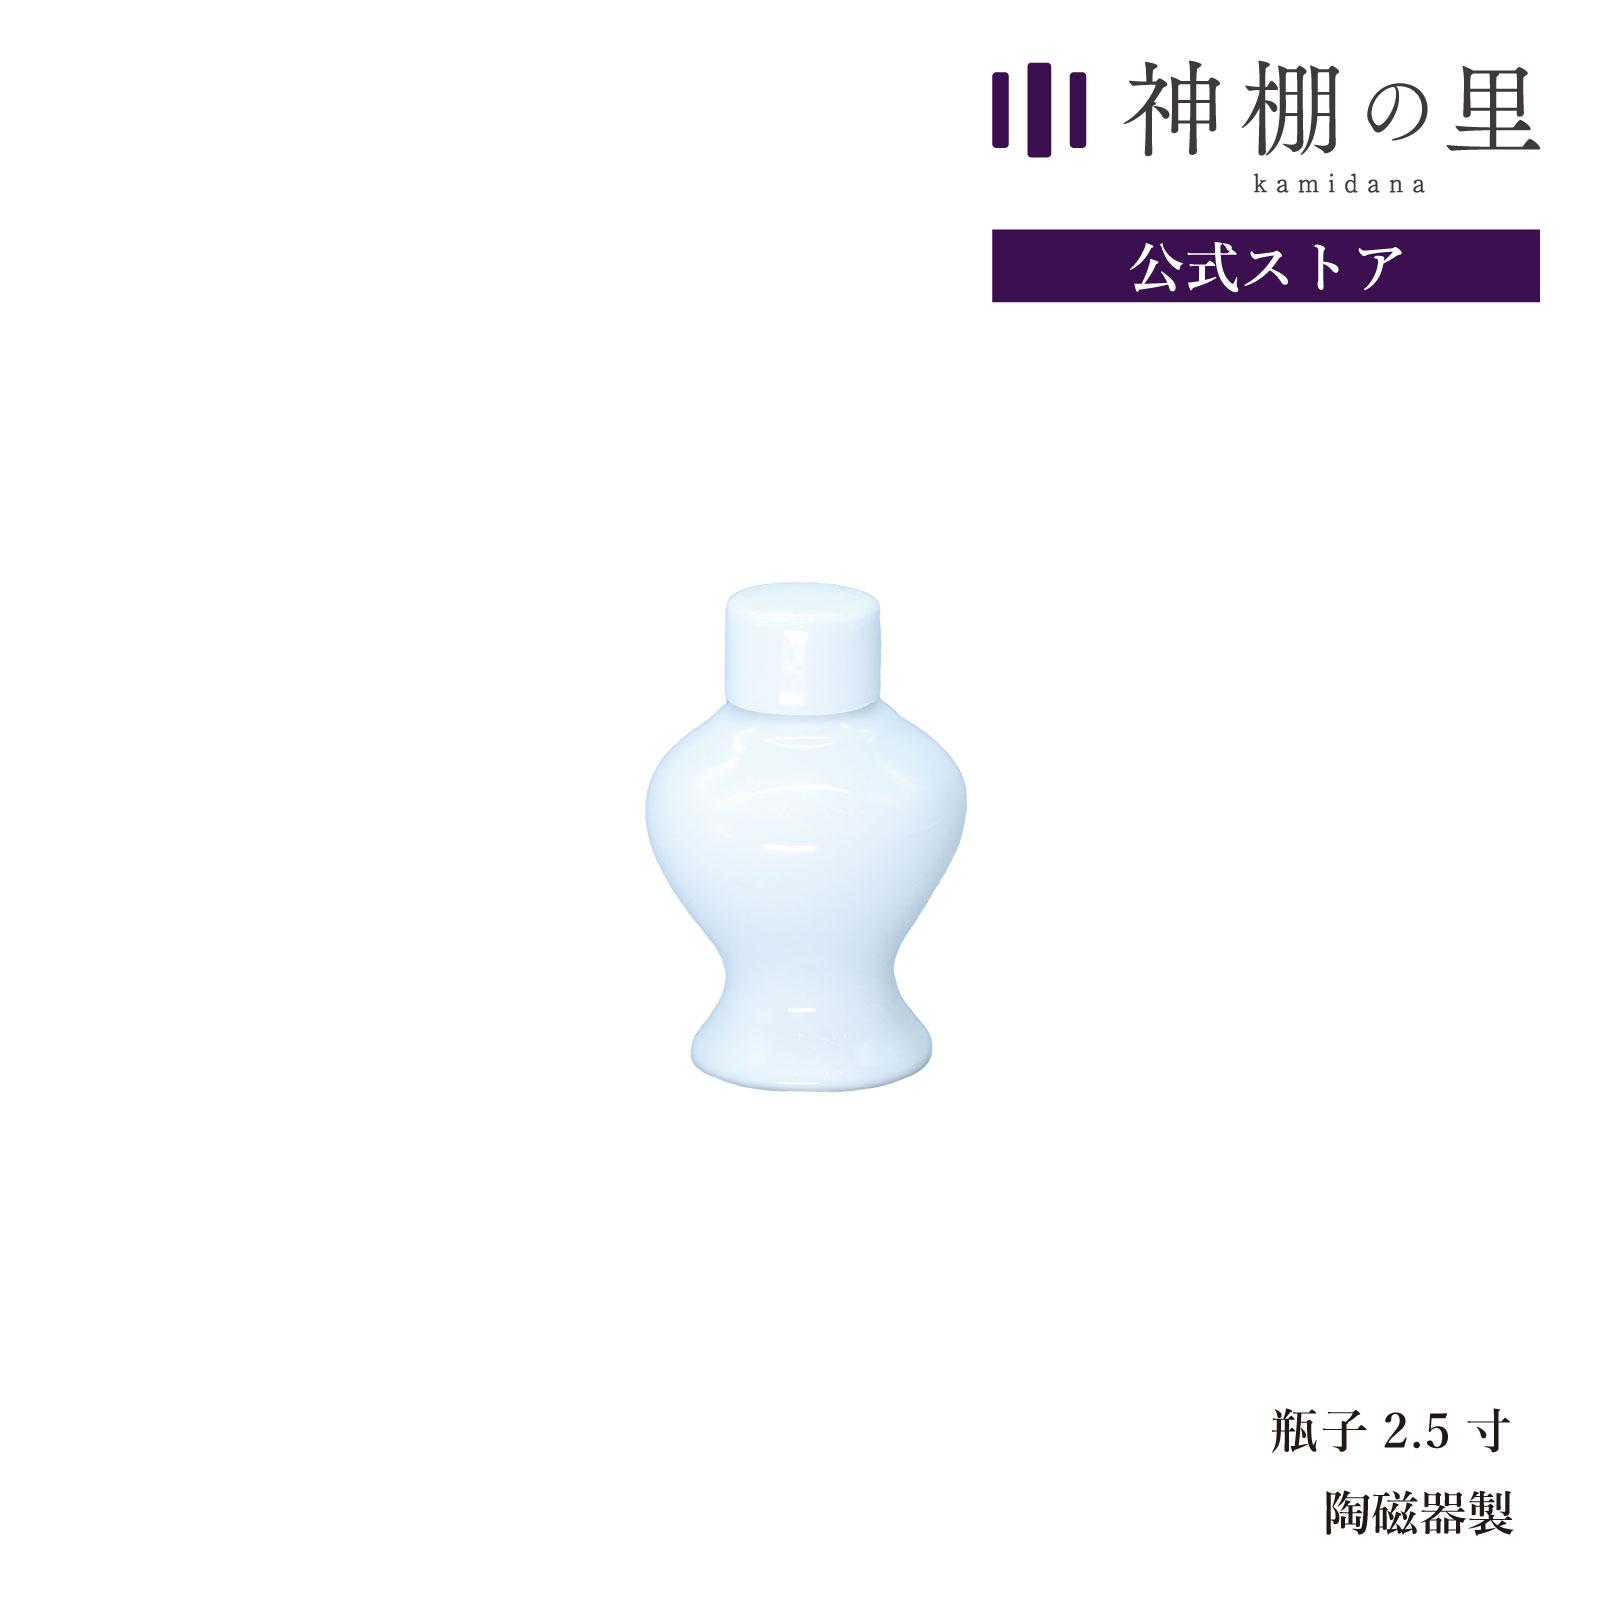 神棚の里【公式】 神棚 神具 瓶子 瓶子 2.5寸 御神酒 お神酒 酒 日本酒 蓋 ふた 蓋付き ふた付き 1本 陶器